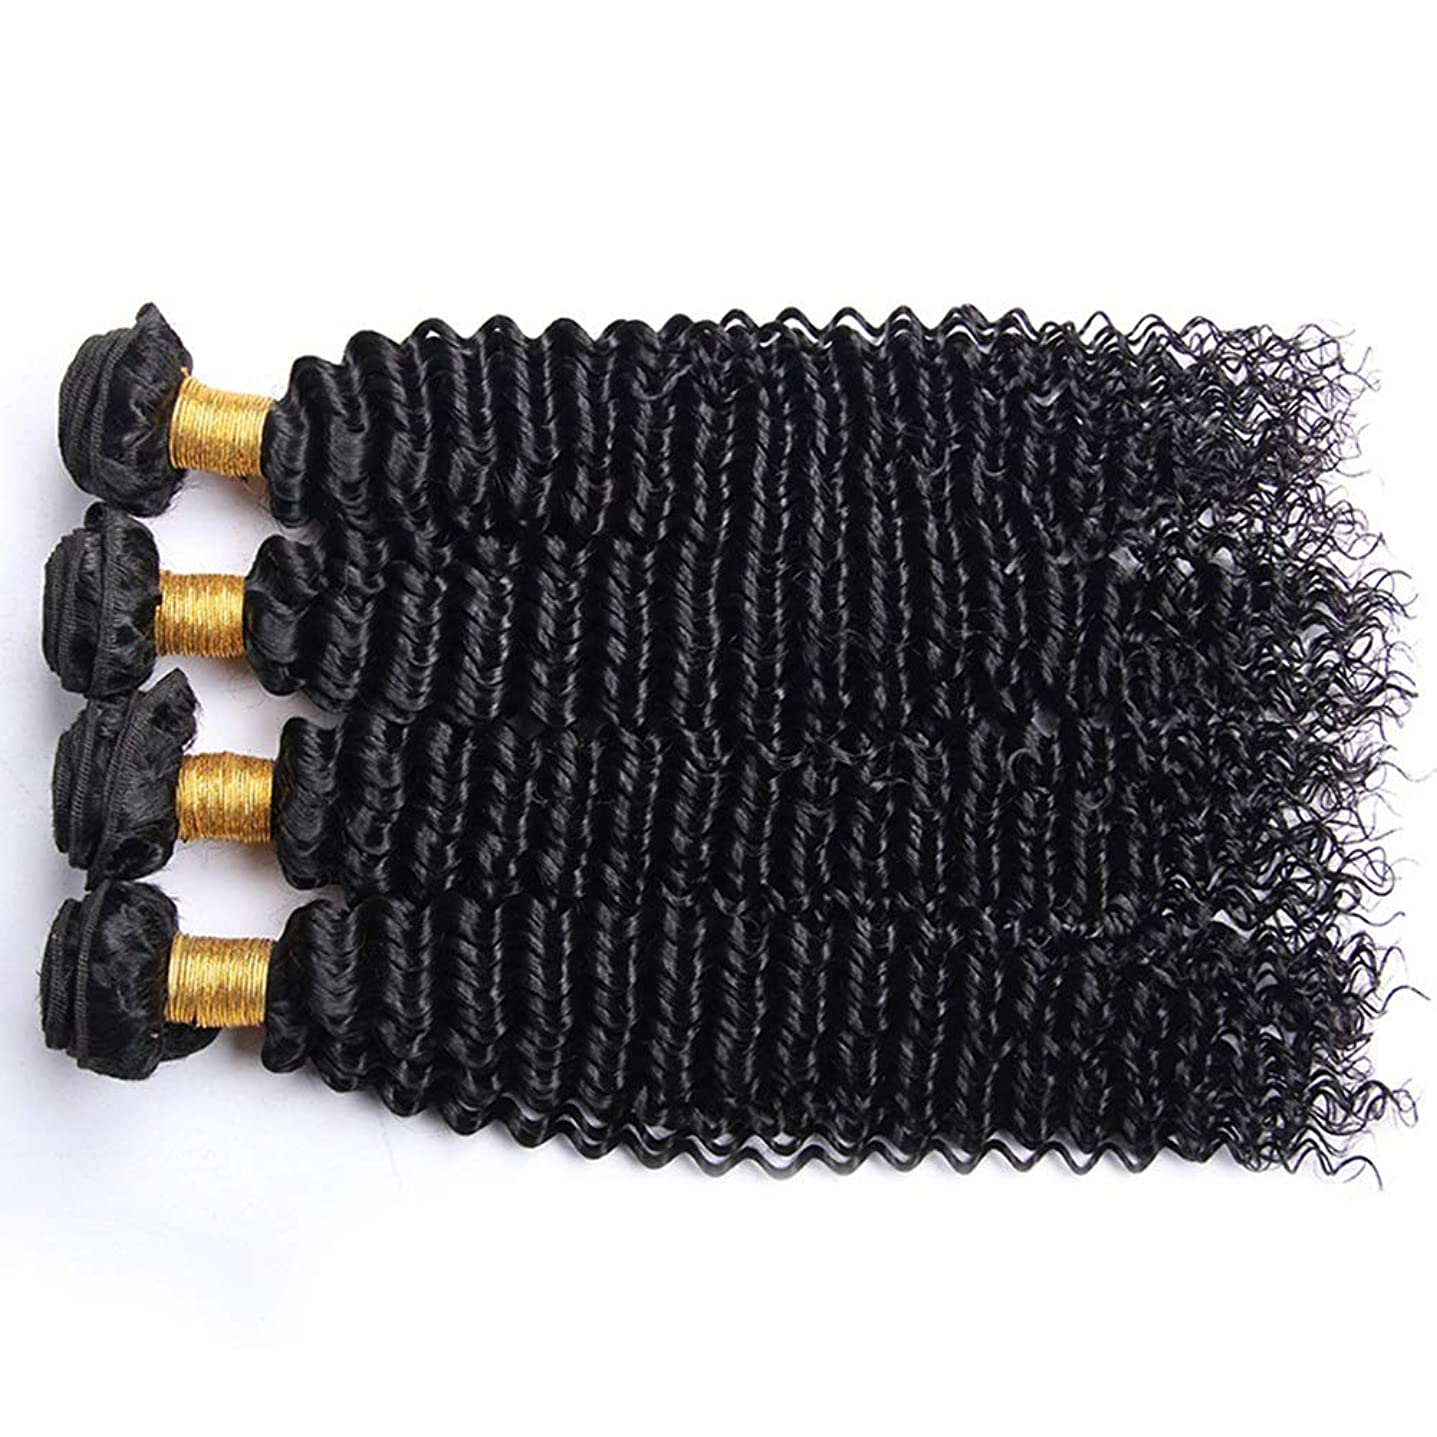 穏やかなベッドを作る宝石かつら アフロ変態カーリー人間の髪1バンドルブラジル100%未処理の人間の髪織り横糸ナチュラルカラーロングカーリーウィッグ (色 : 黒, サイズ : 16 inch)